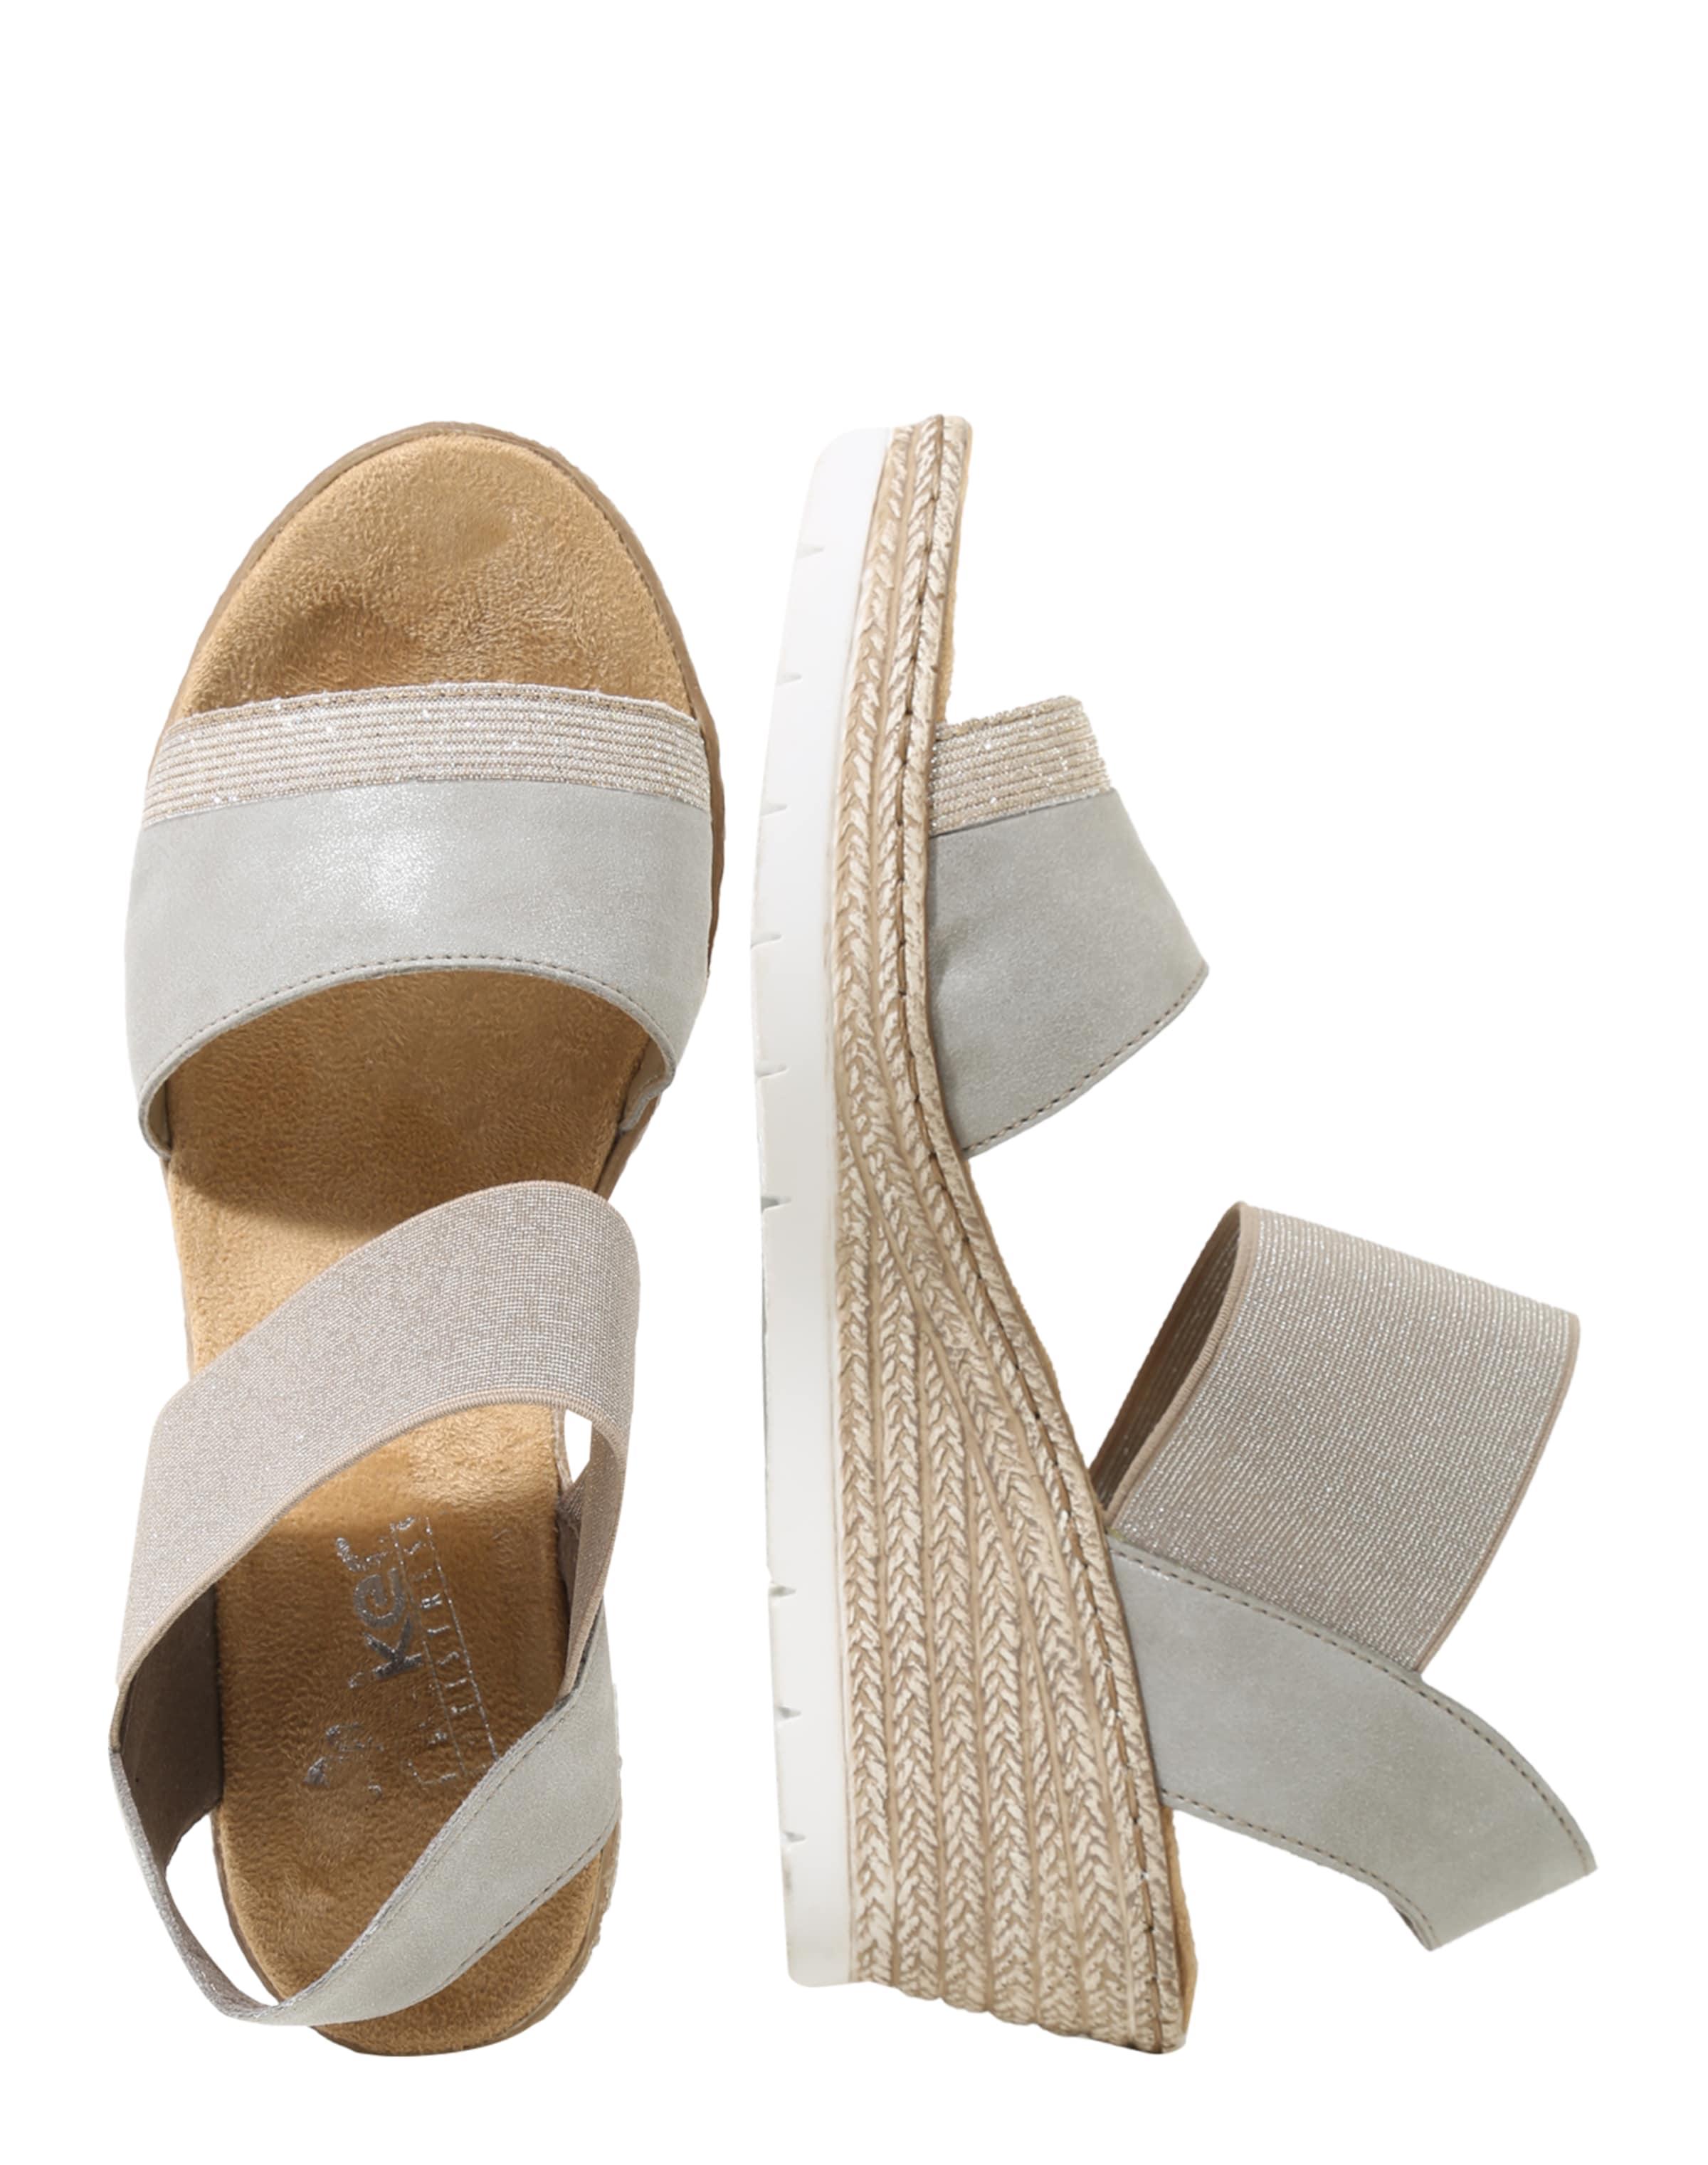 RIEKER Sandale mit Keilabsatz Erstaunlicher Preis Zu Verkaufen Freies Verschiffen Extrem Auslasszwischenraum HDuEhqQTF